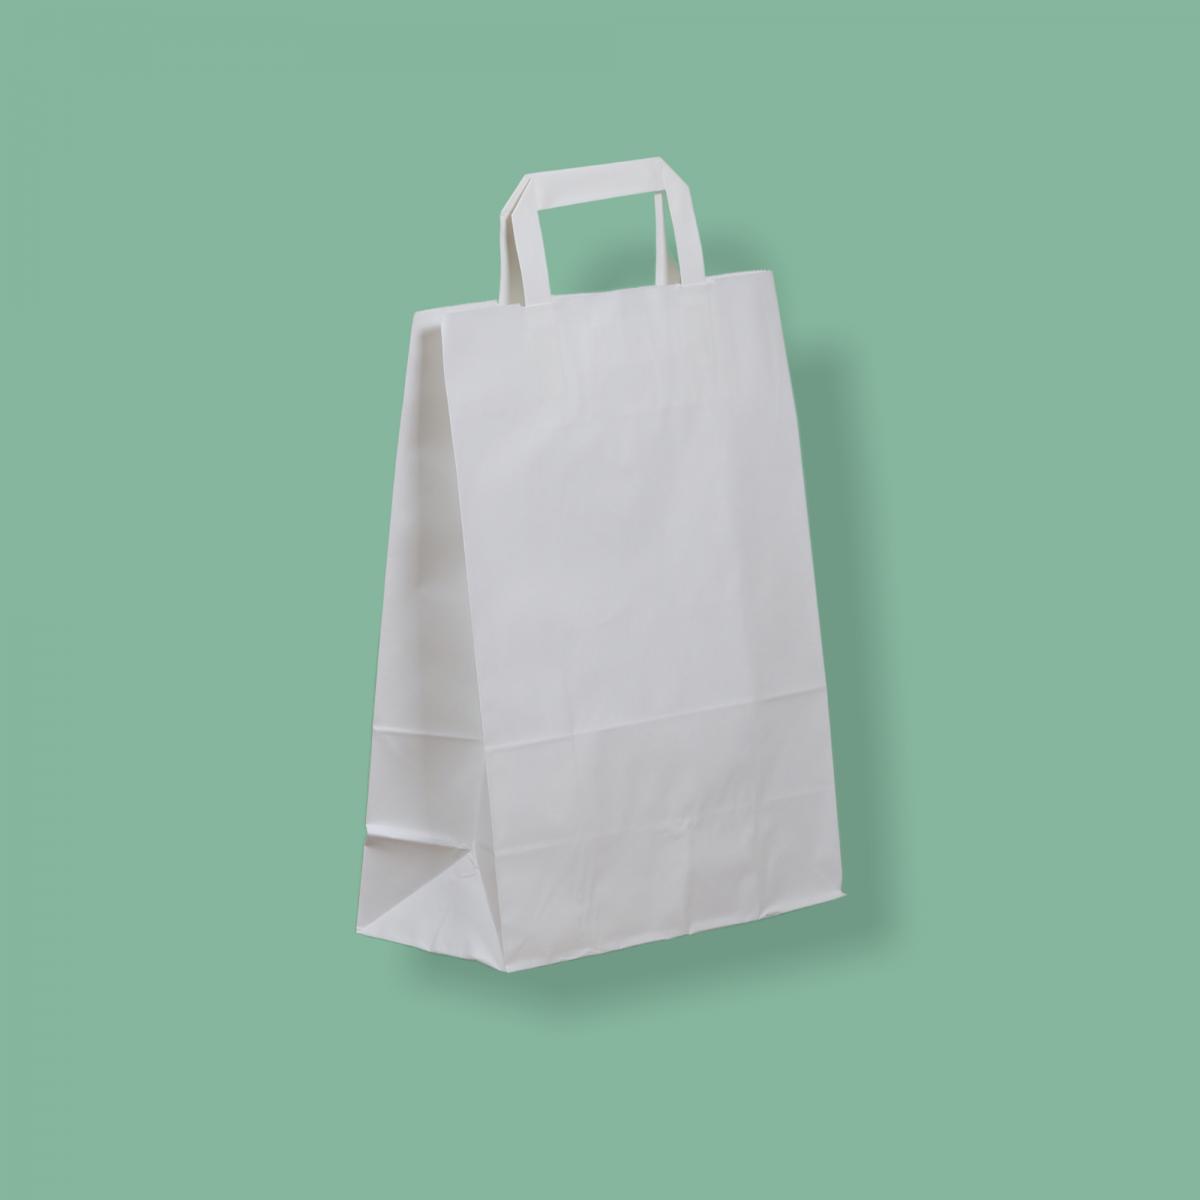 Szalagfüles papírtáska 26x35+12 cm fehér